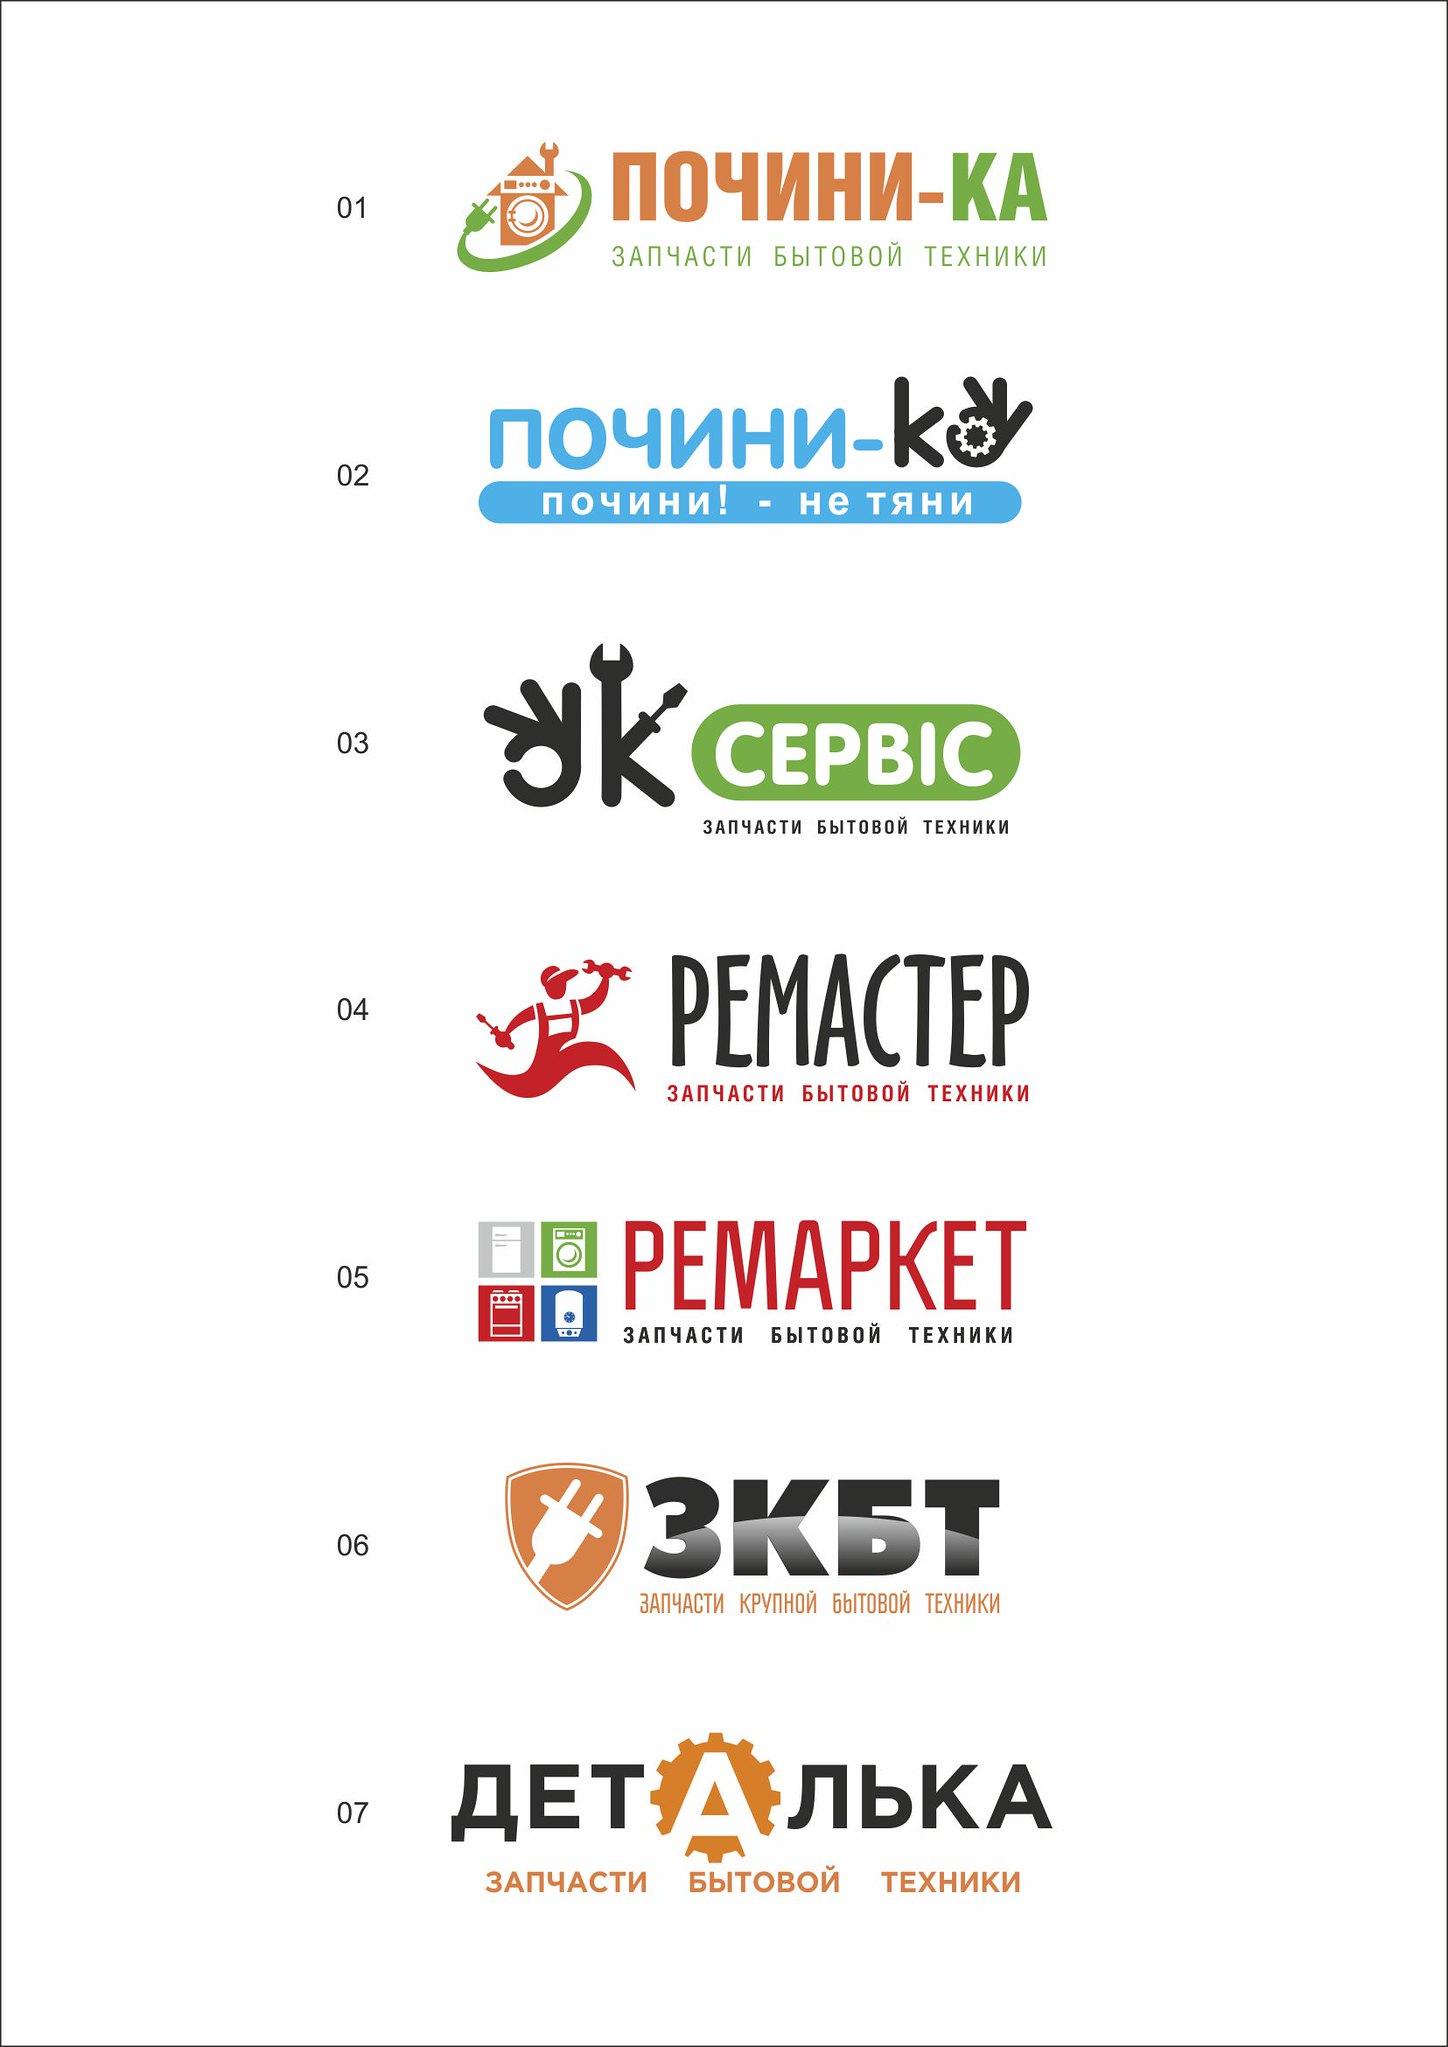 варианты лого интернет магазина запчастей